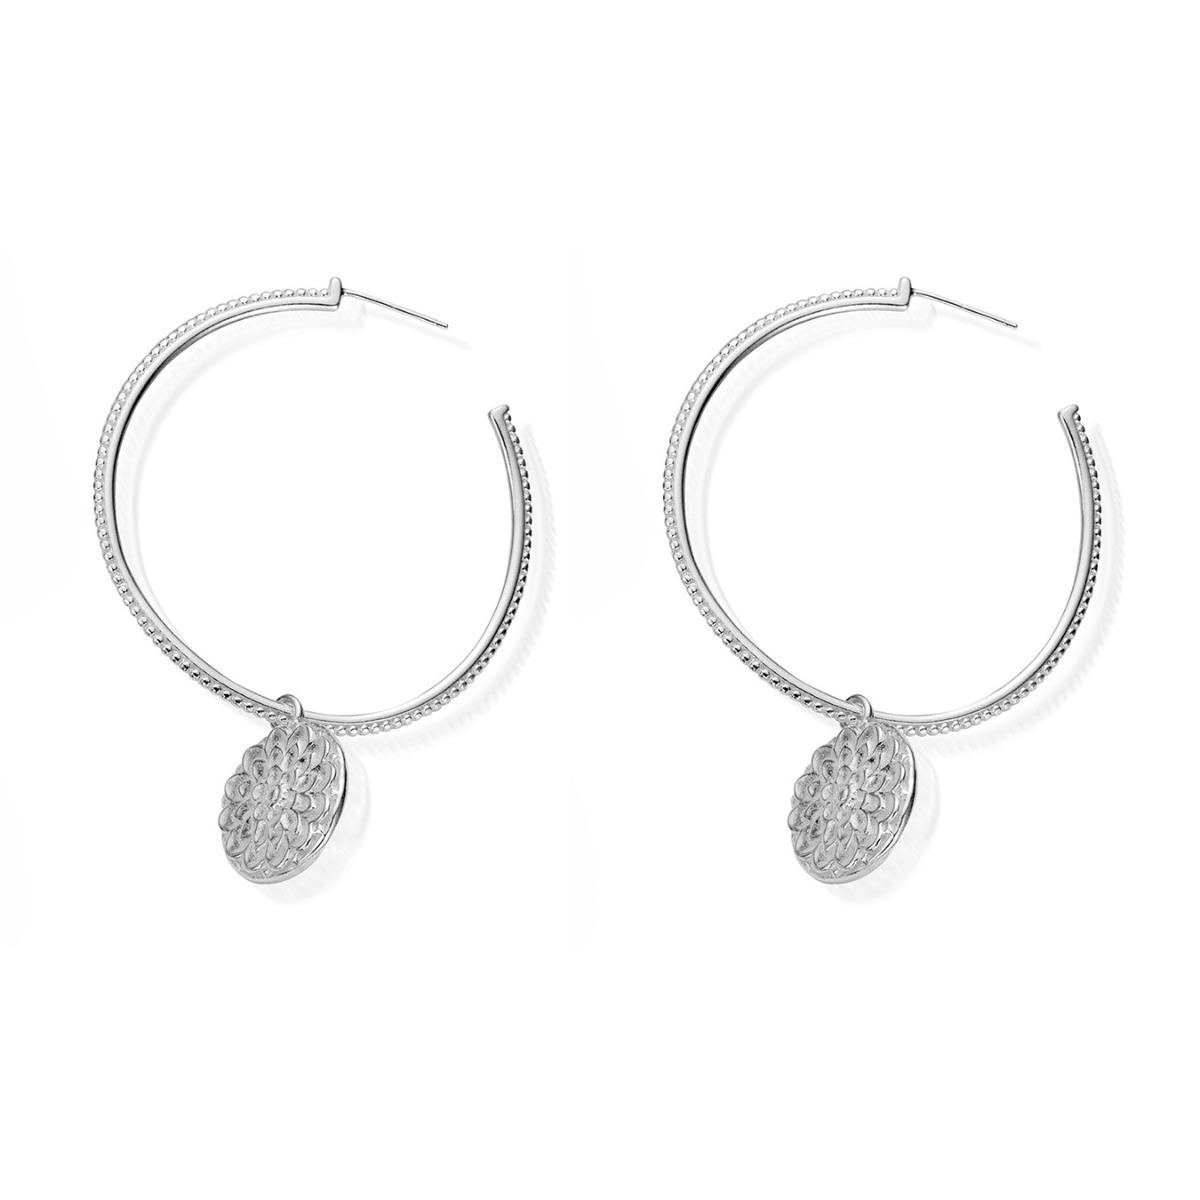 ChloBo Moon Flower Hoop Earrings GEH778